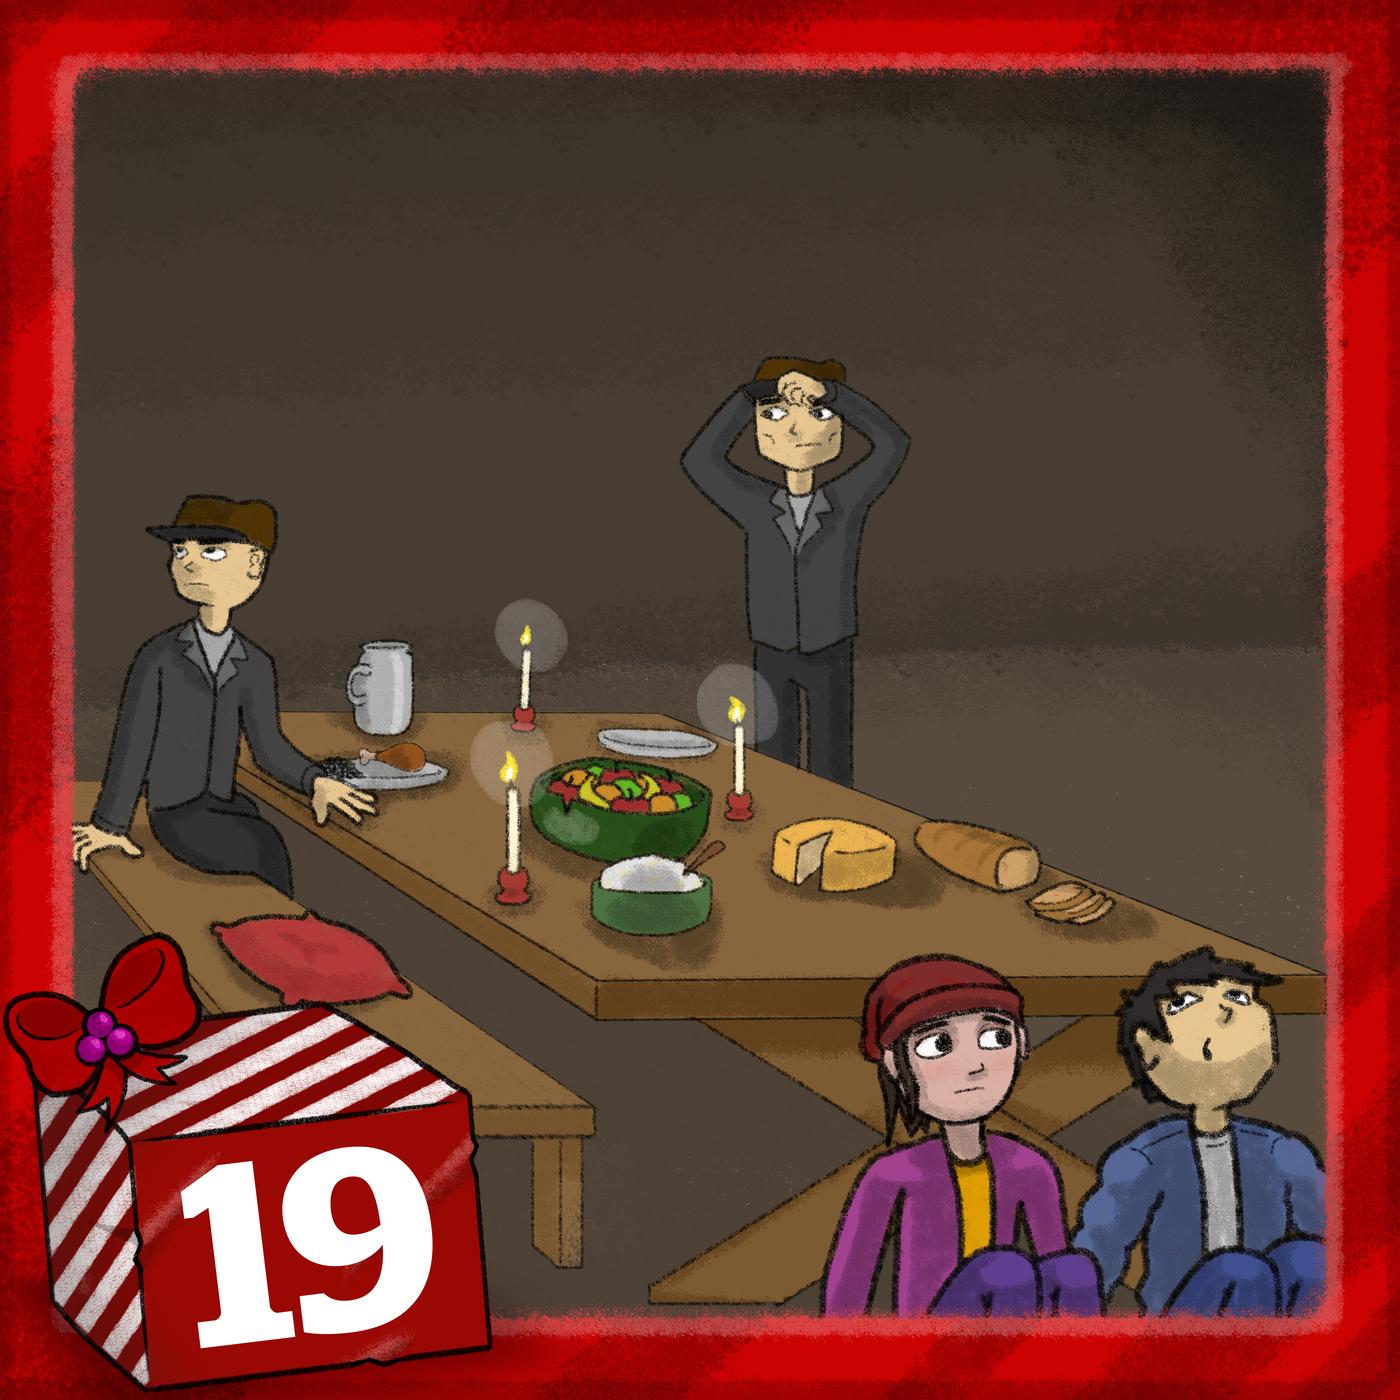 Julkalendern 2019 - Spåren i snön (Avsnitt 19) - Julkalender